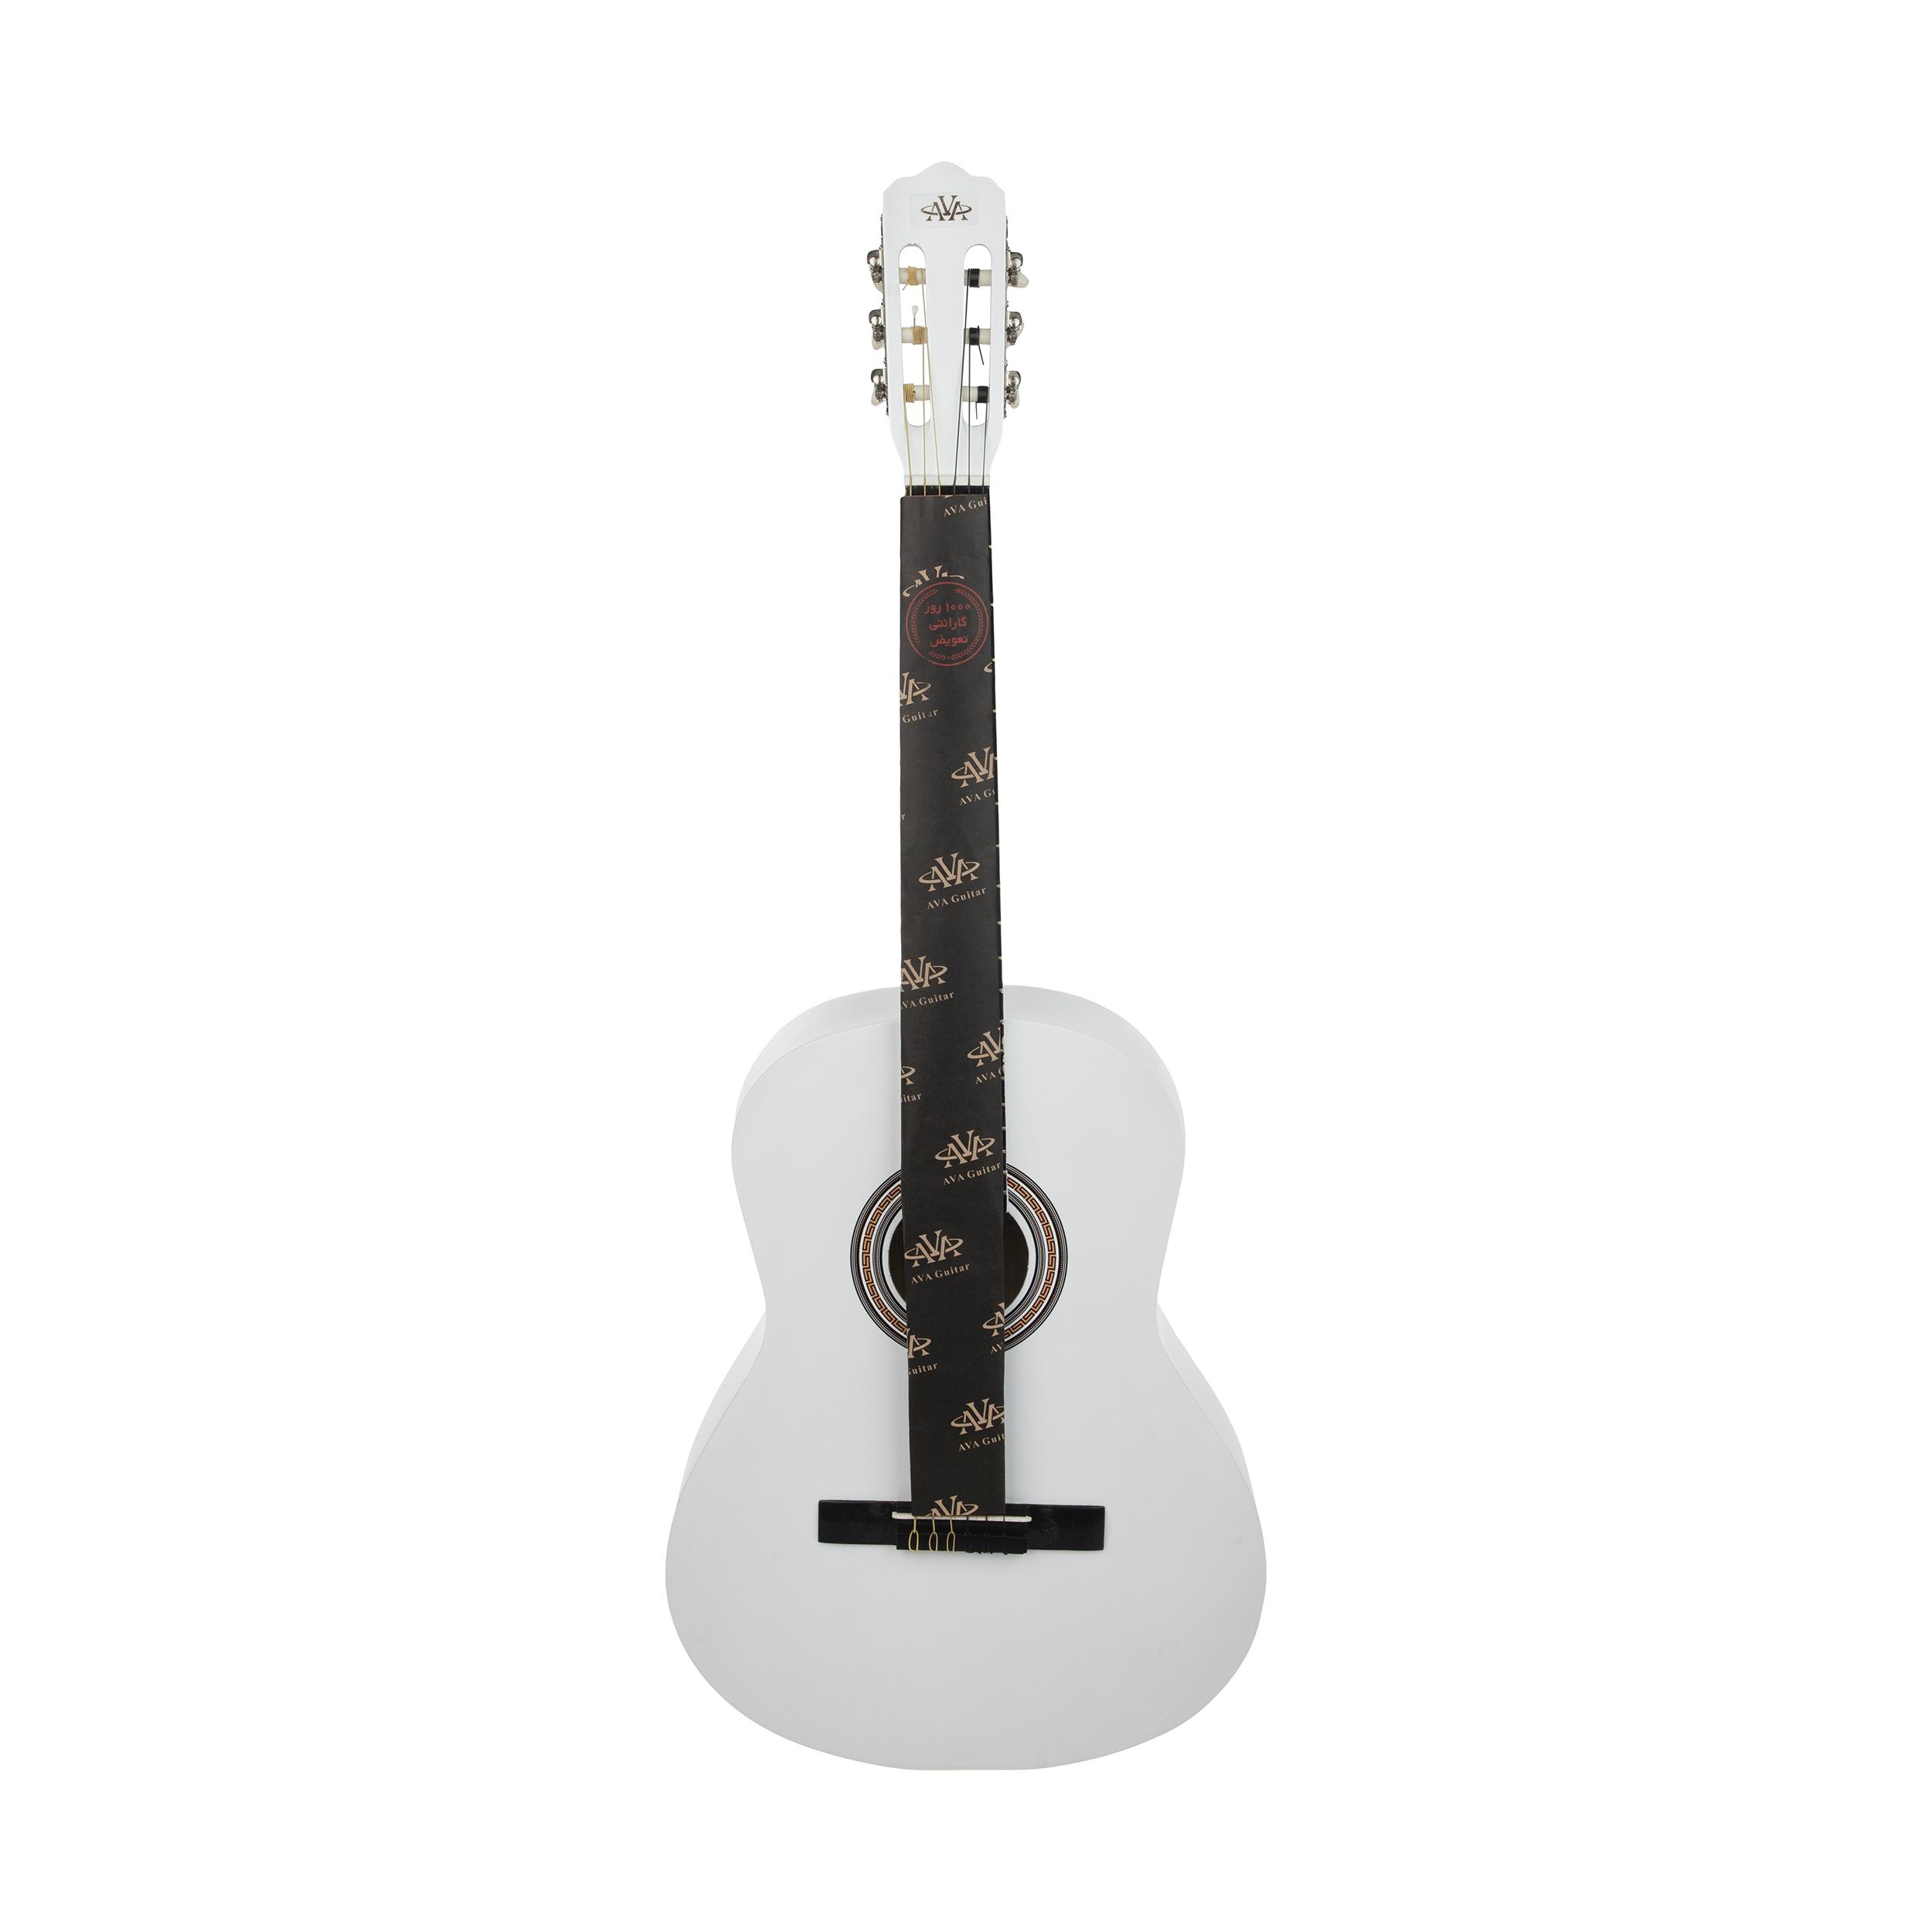 گیتار کلاسیک آوا مدل S20-W